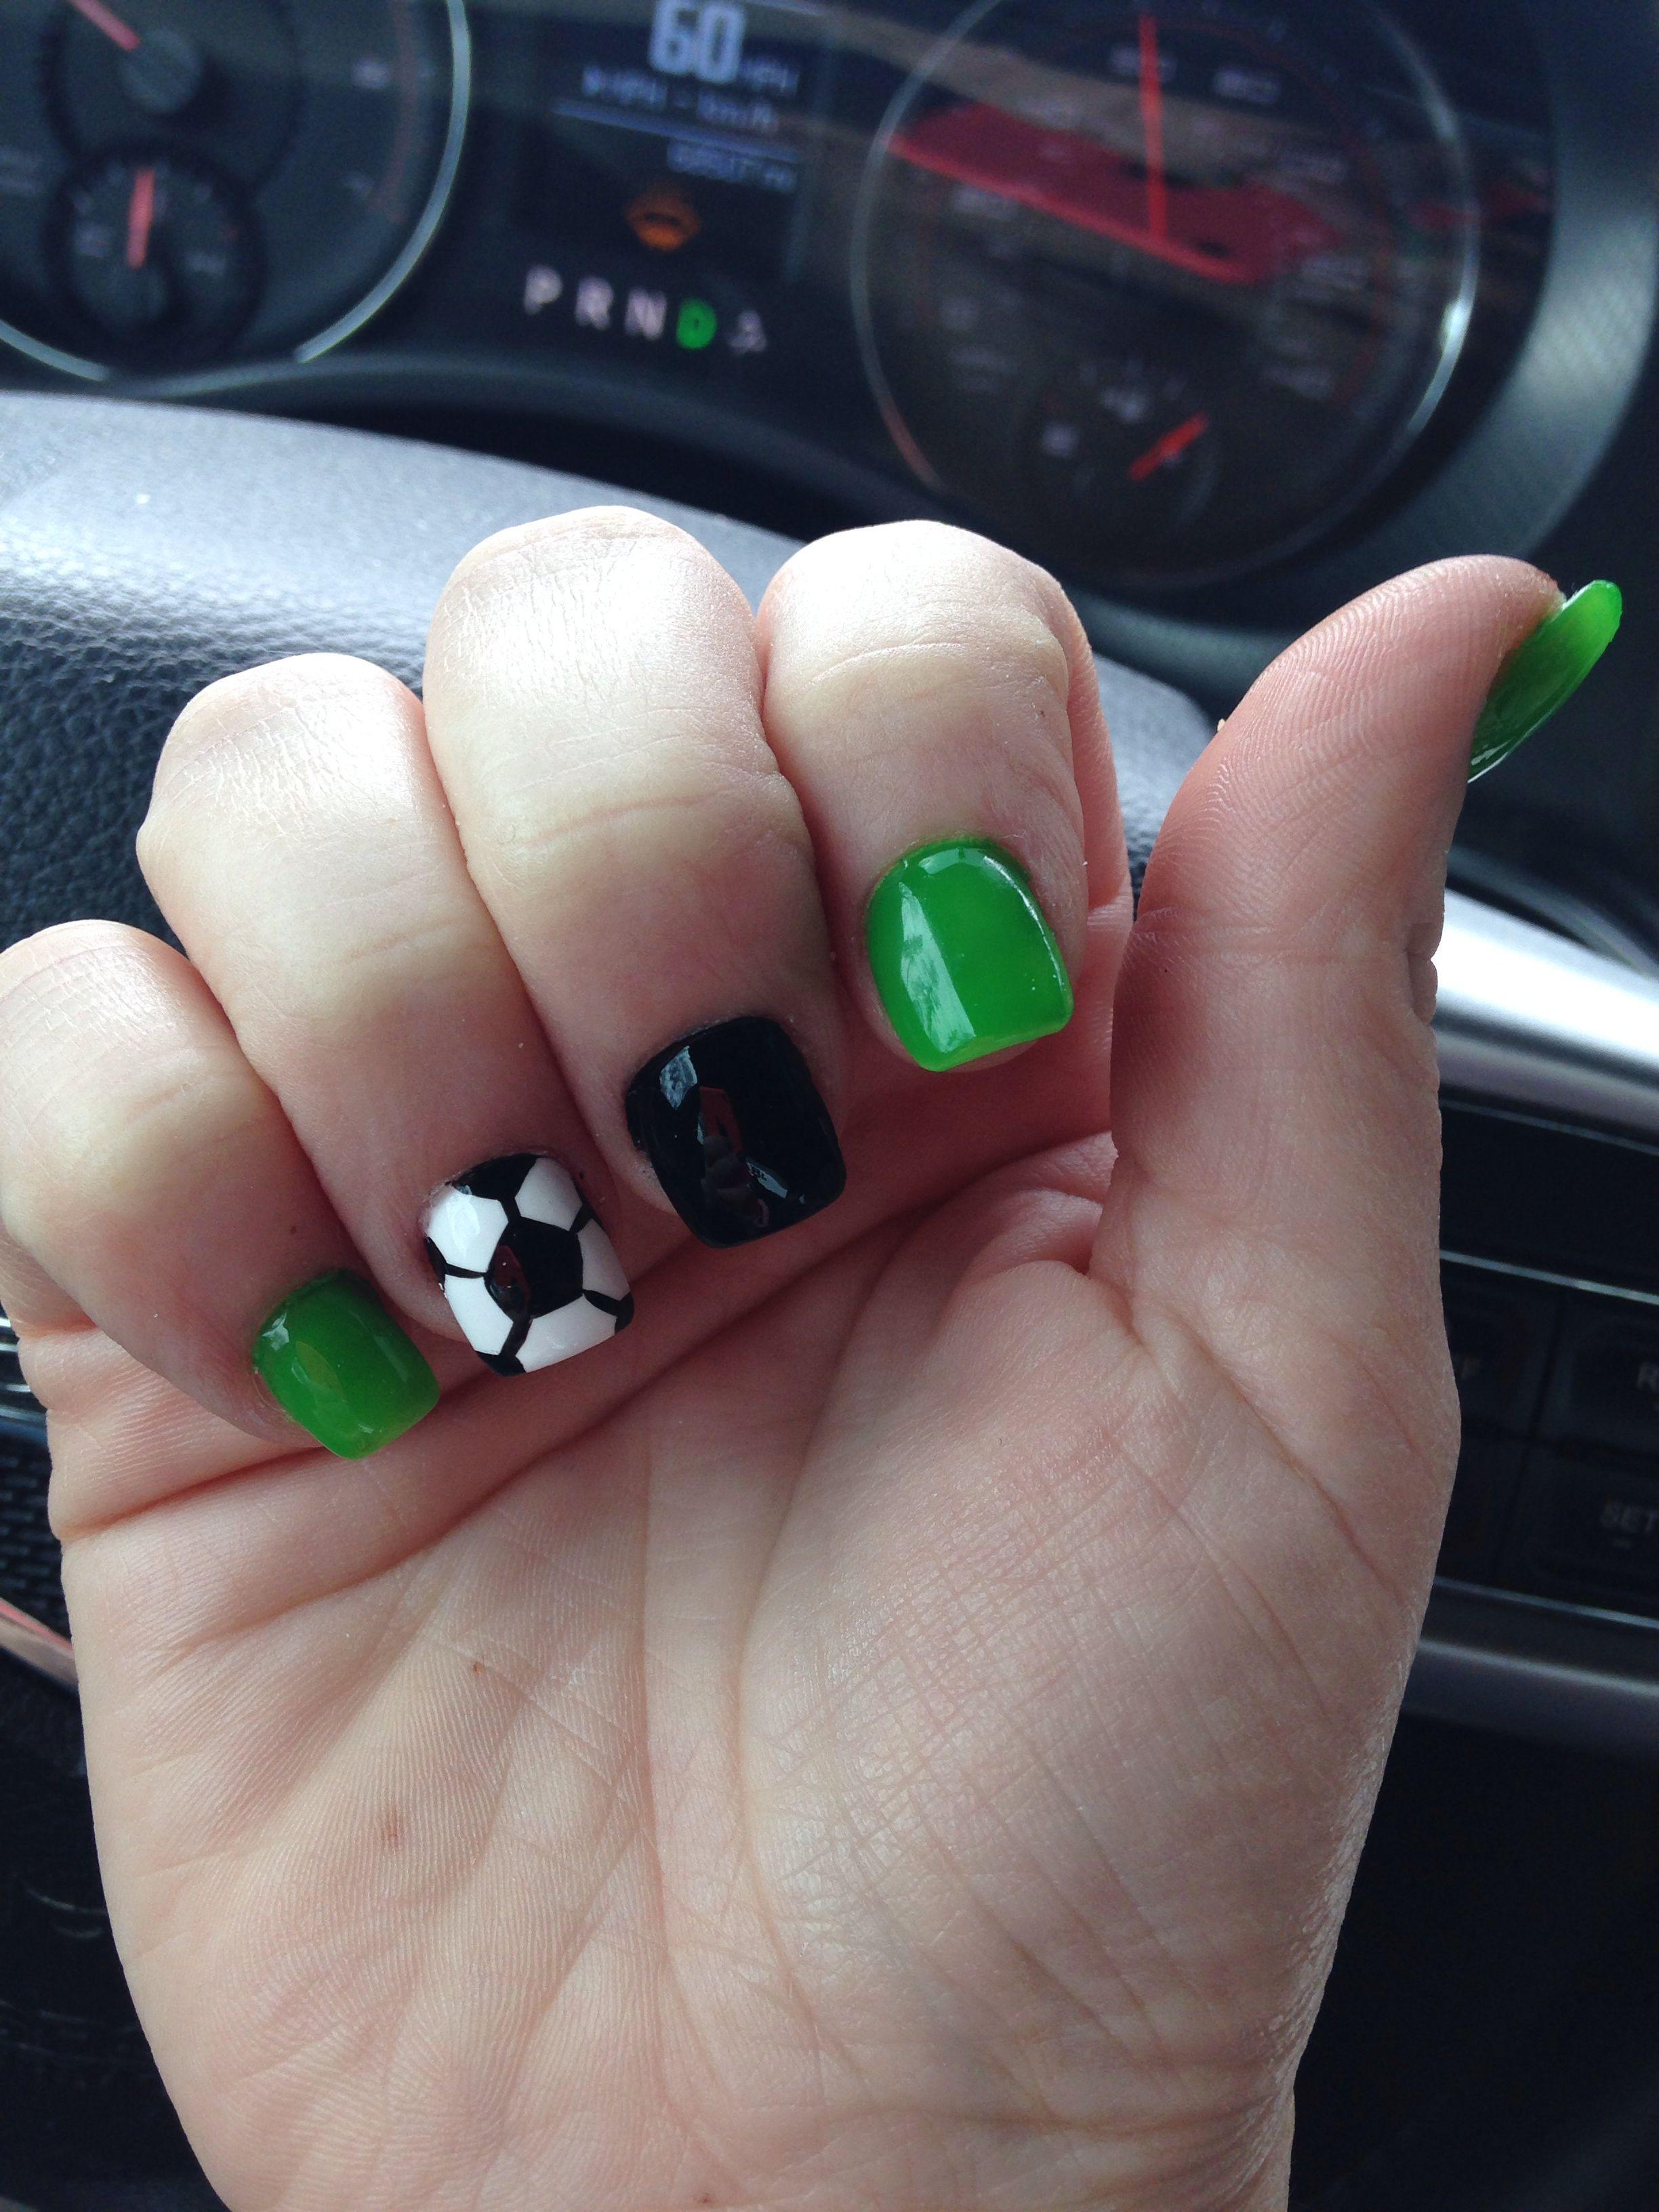 Pin By Blush Concept On Nails Sports Nails Soccer Nails Nails